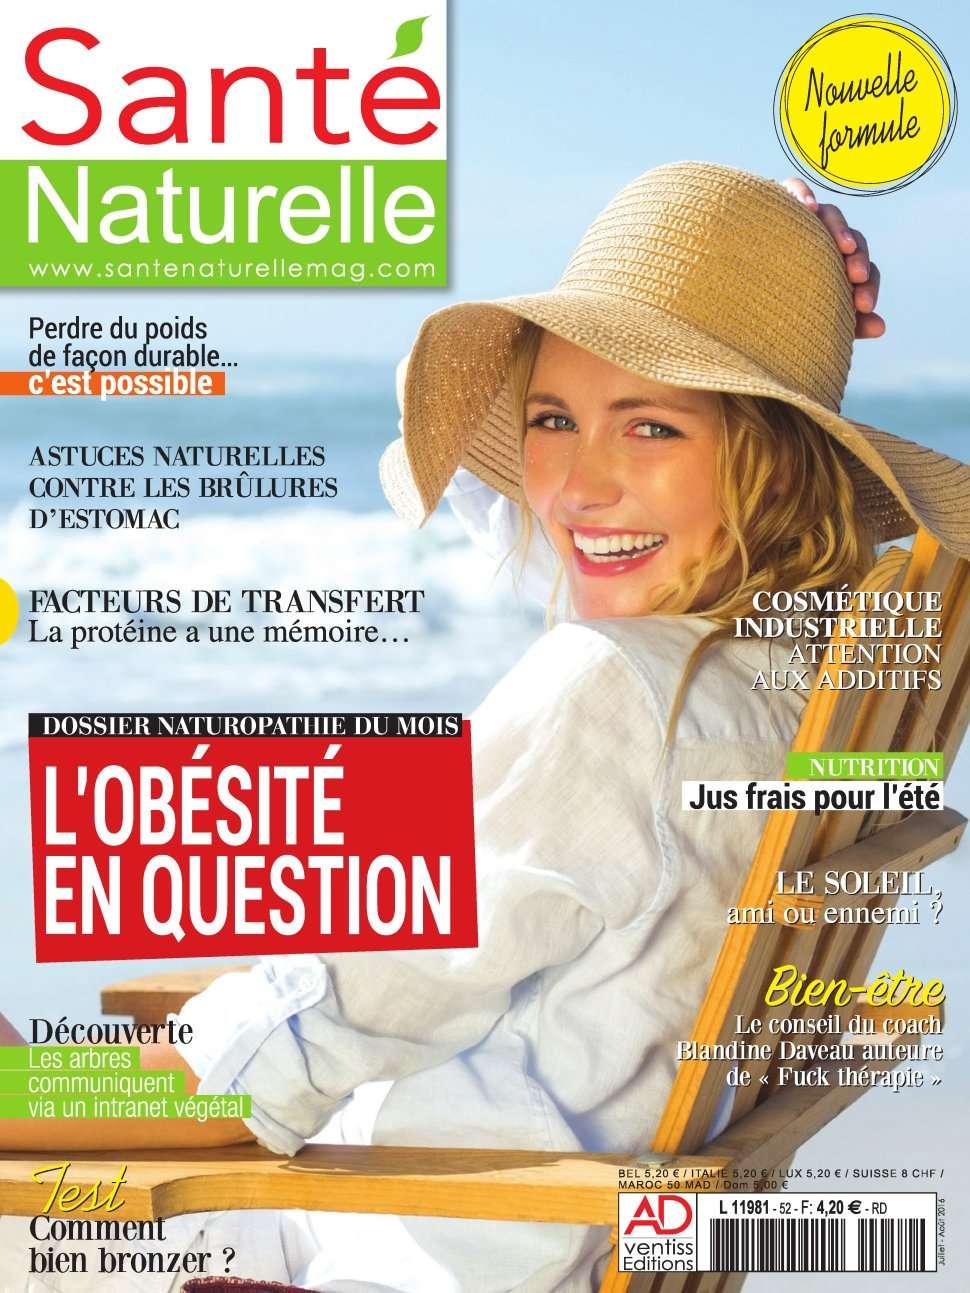 Santé Naturelle 52 - Juillet/Aout 2016